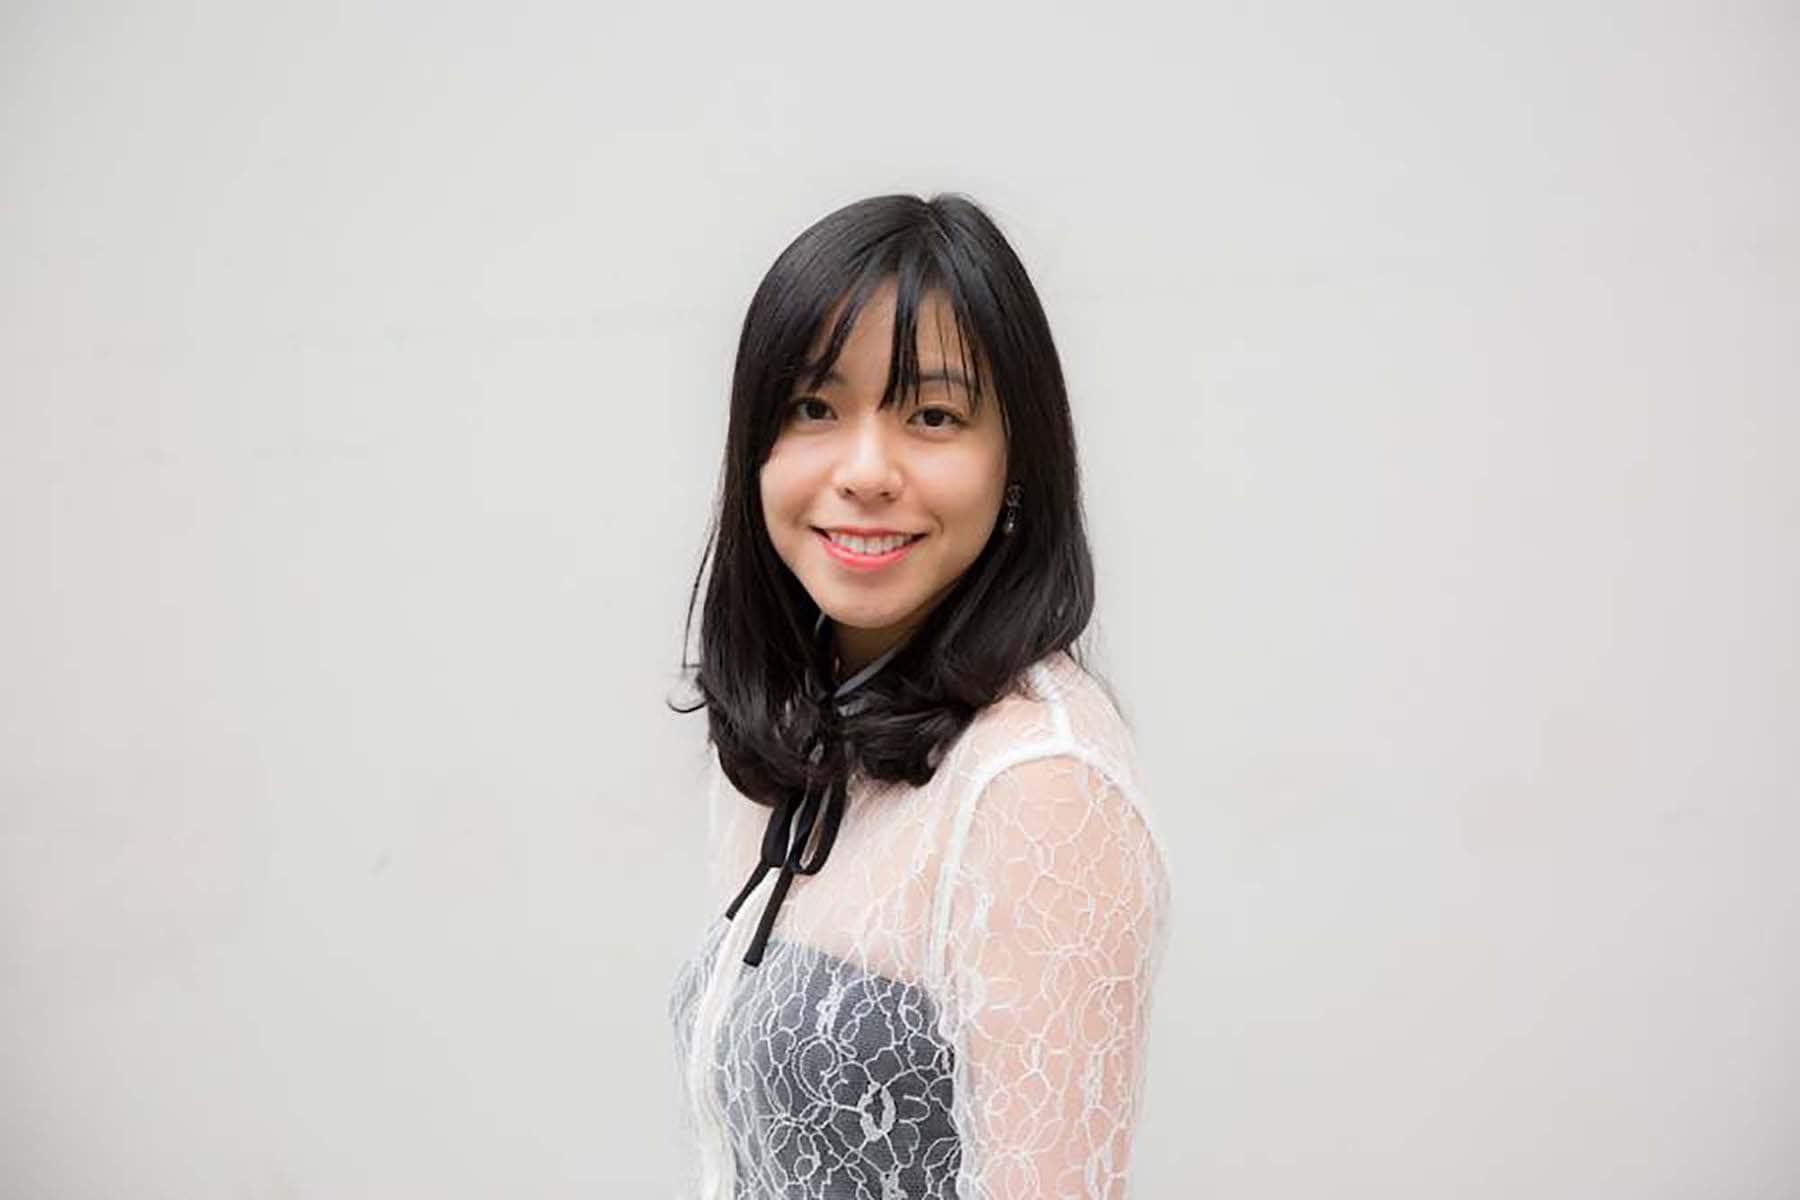 Wanita asia dengan poni tipis see through bangs - cara menata poni pendek